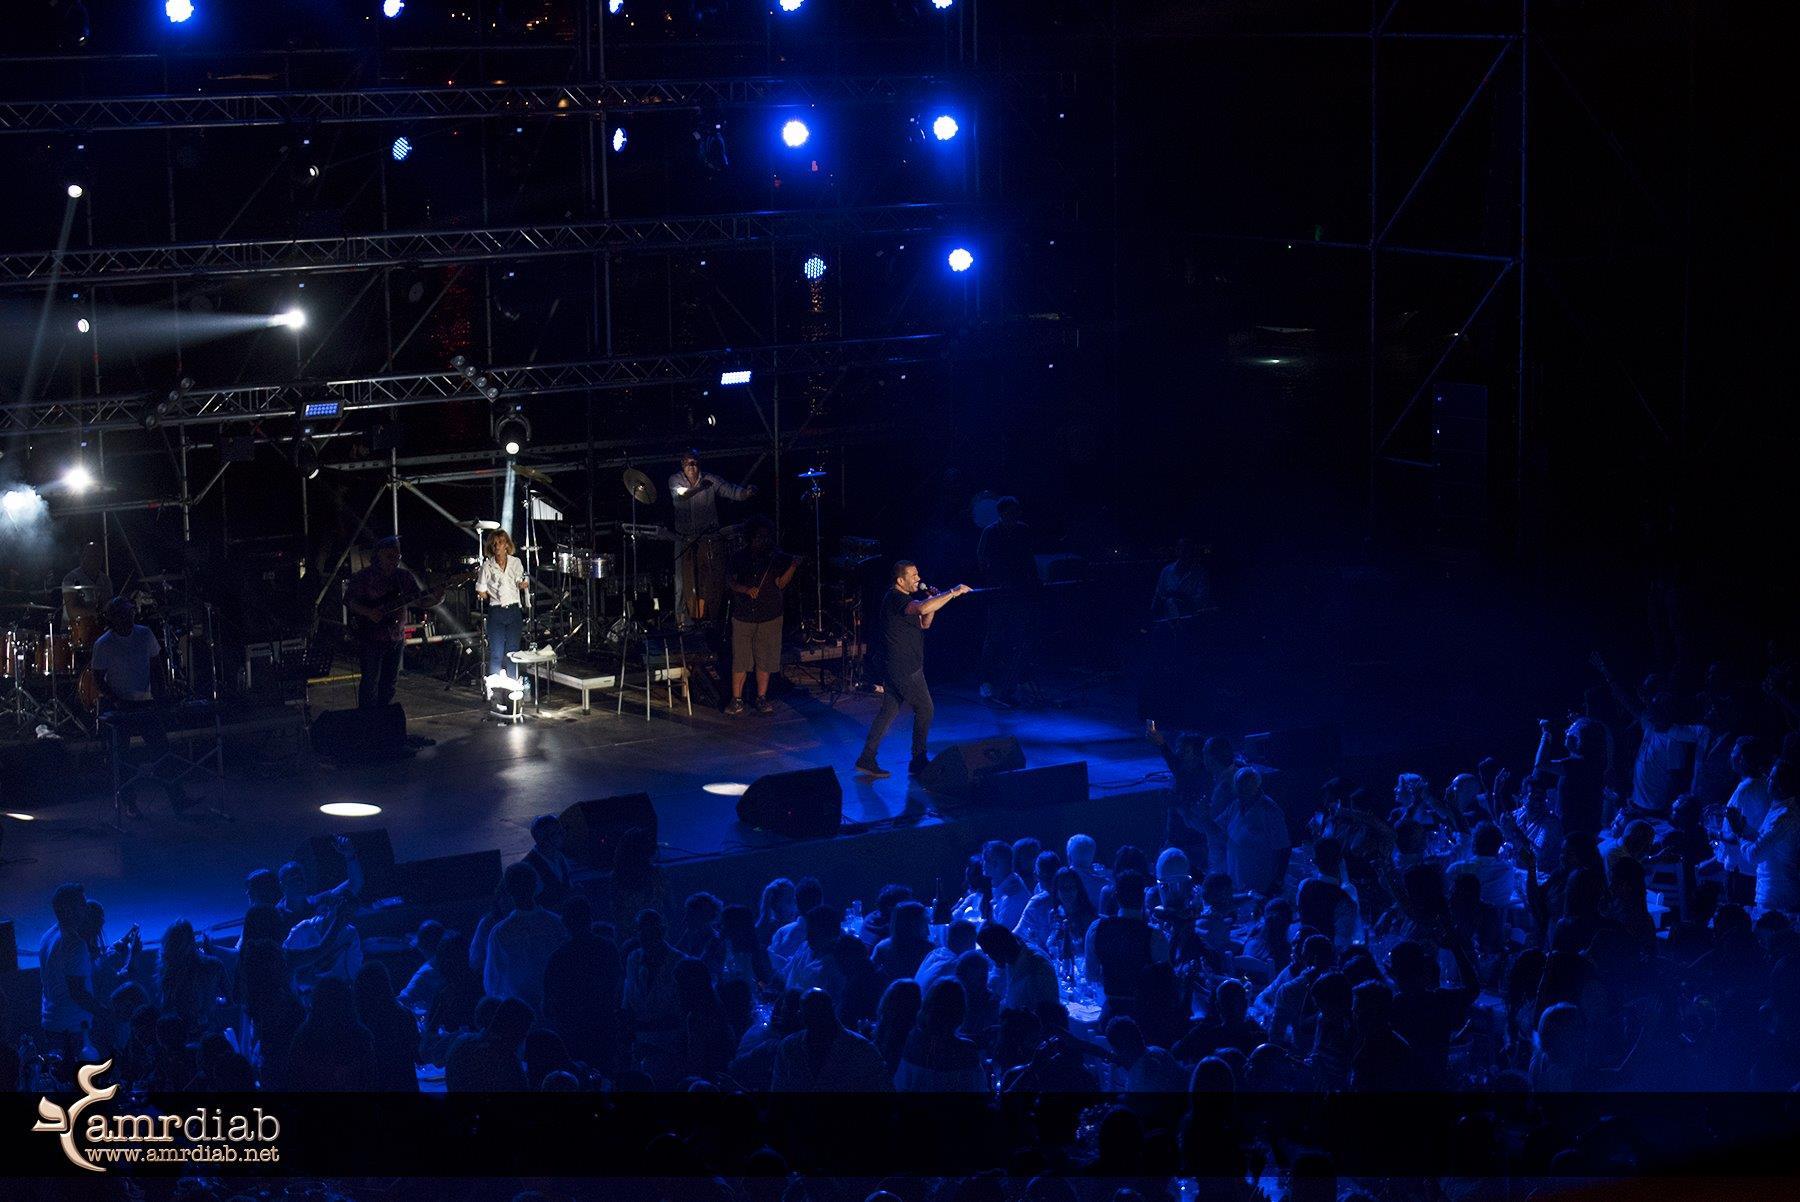 حفل عمرو دياب في اليونان